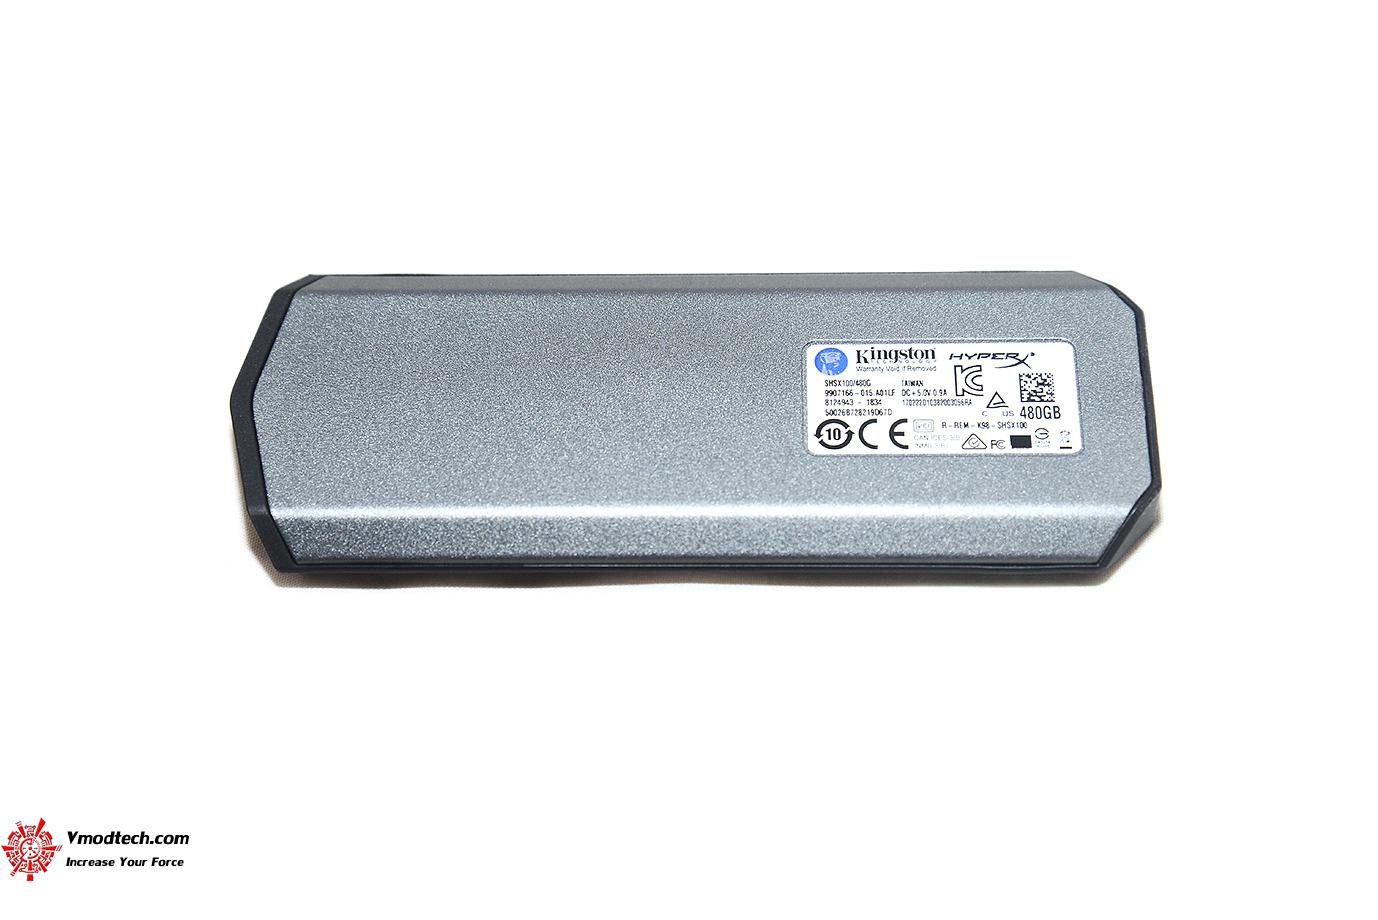 dsc 4519 HyperX SAVAGE EXO Portable SSD 480GB Review